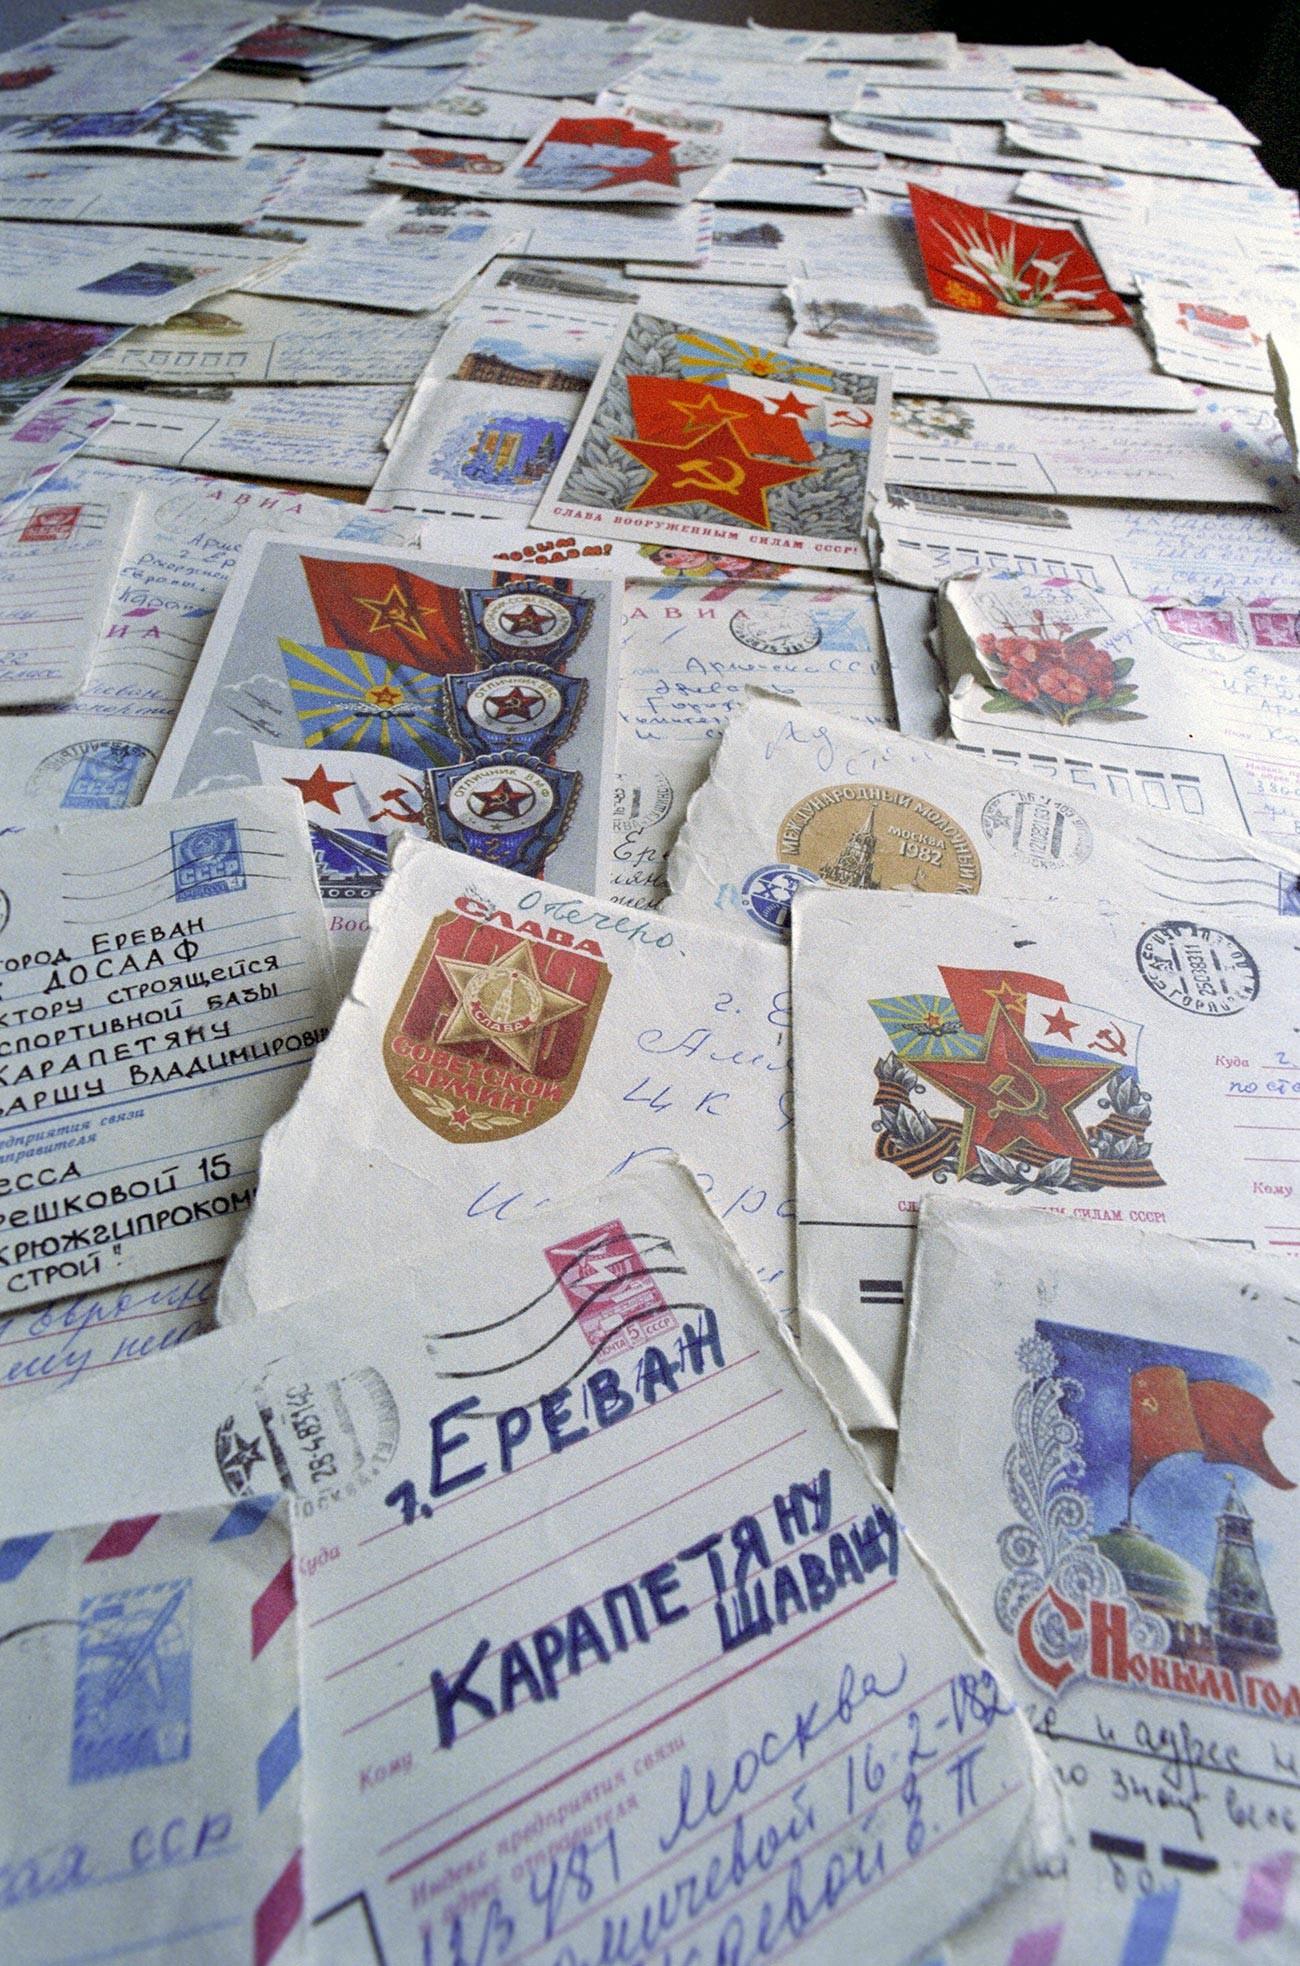 Lettres adressées à Karapetyan suite à ses exploits